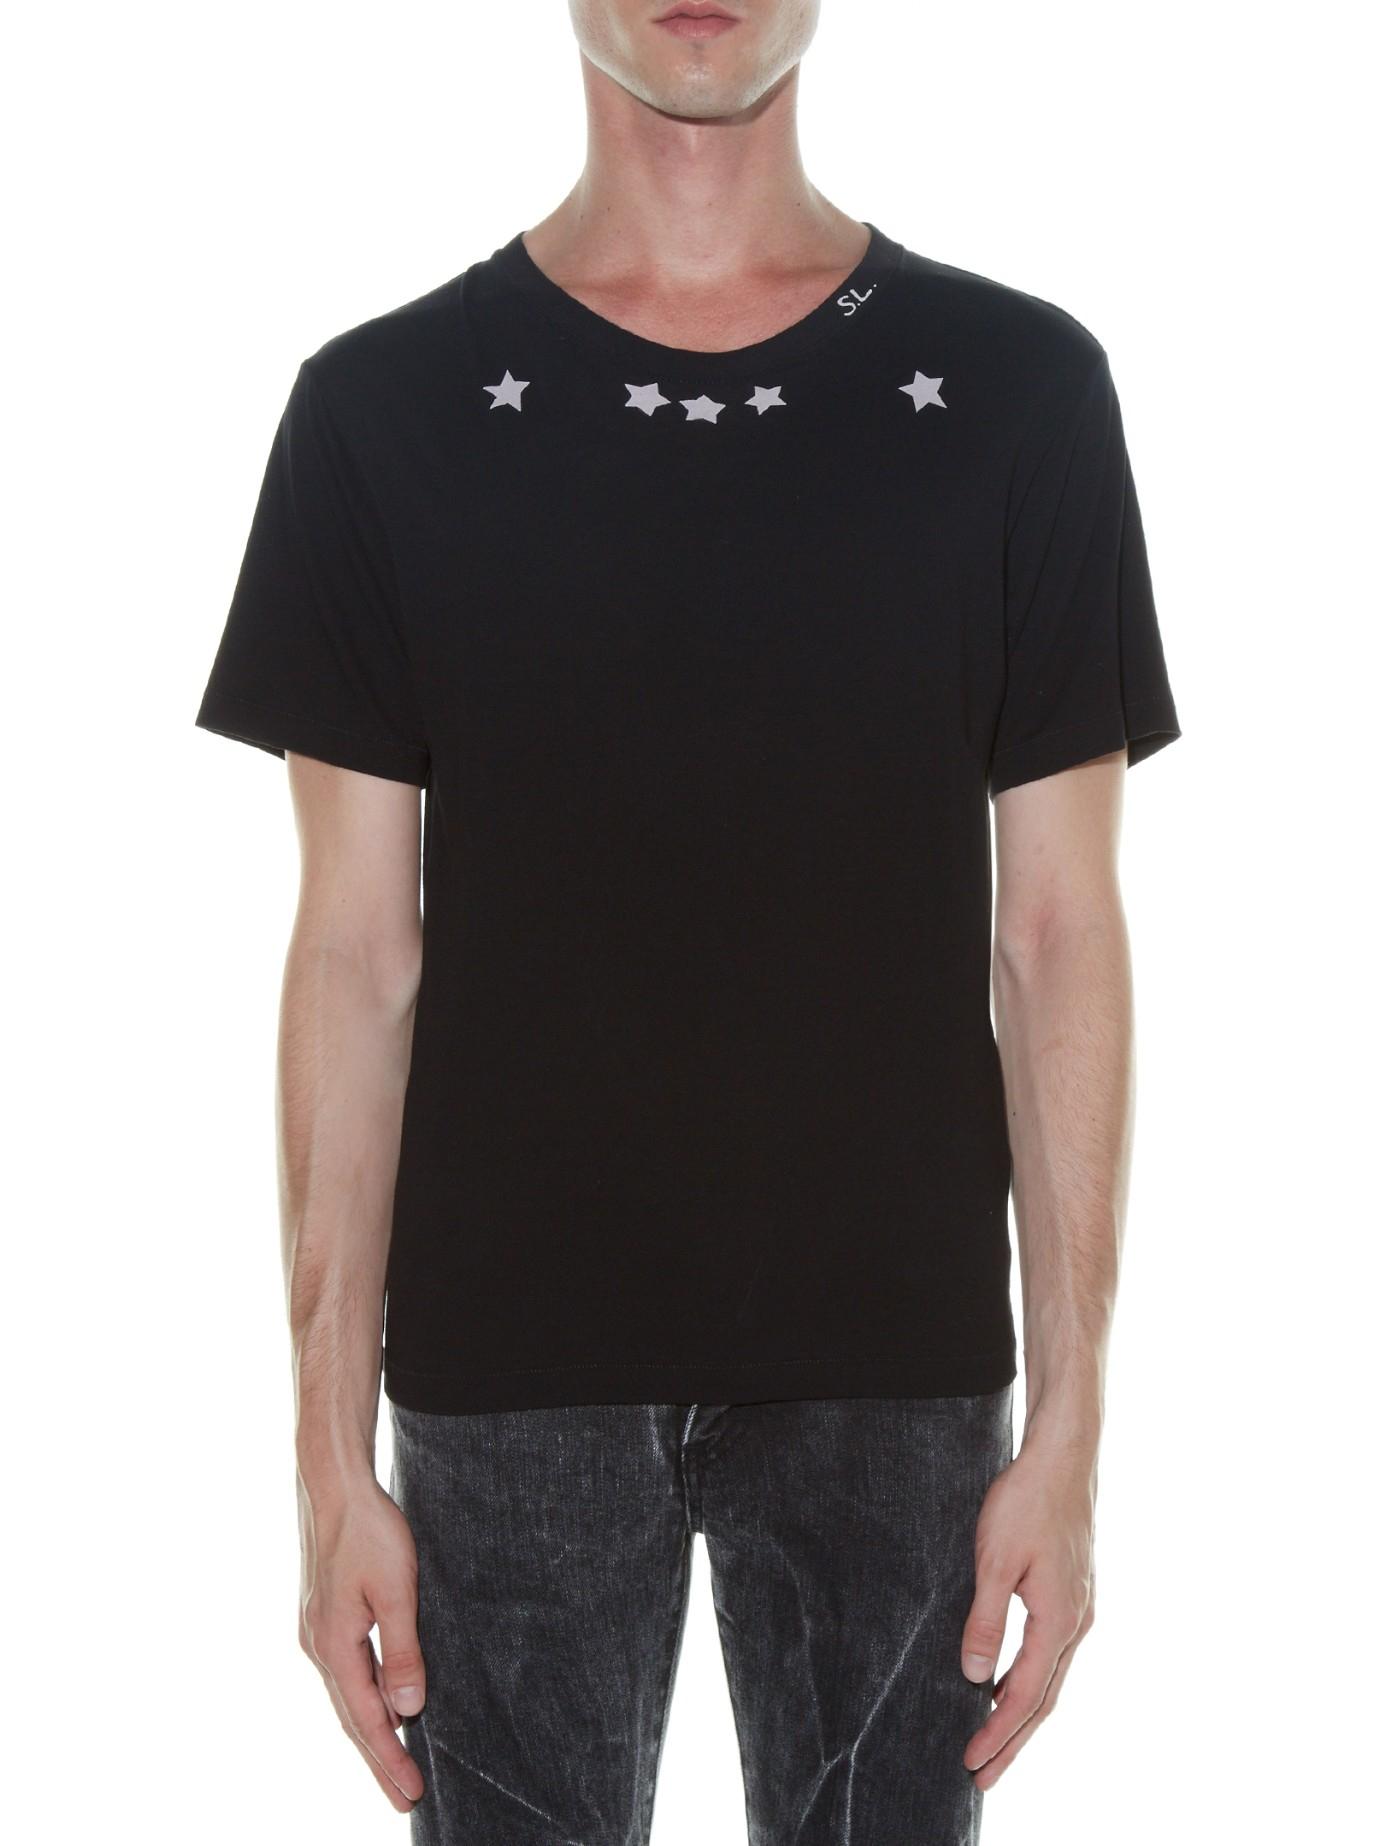 lyst saint laurent star print t shirt in black for men. Black Bedroom Furniture Sets. Home Design Ideas